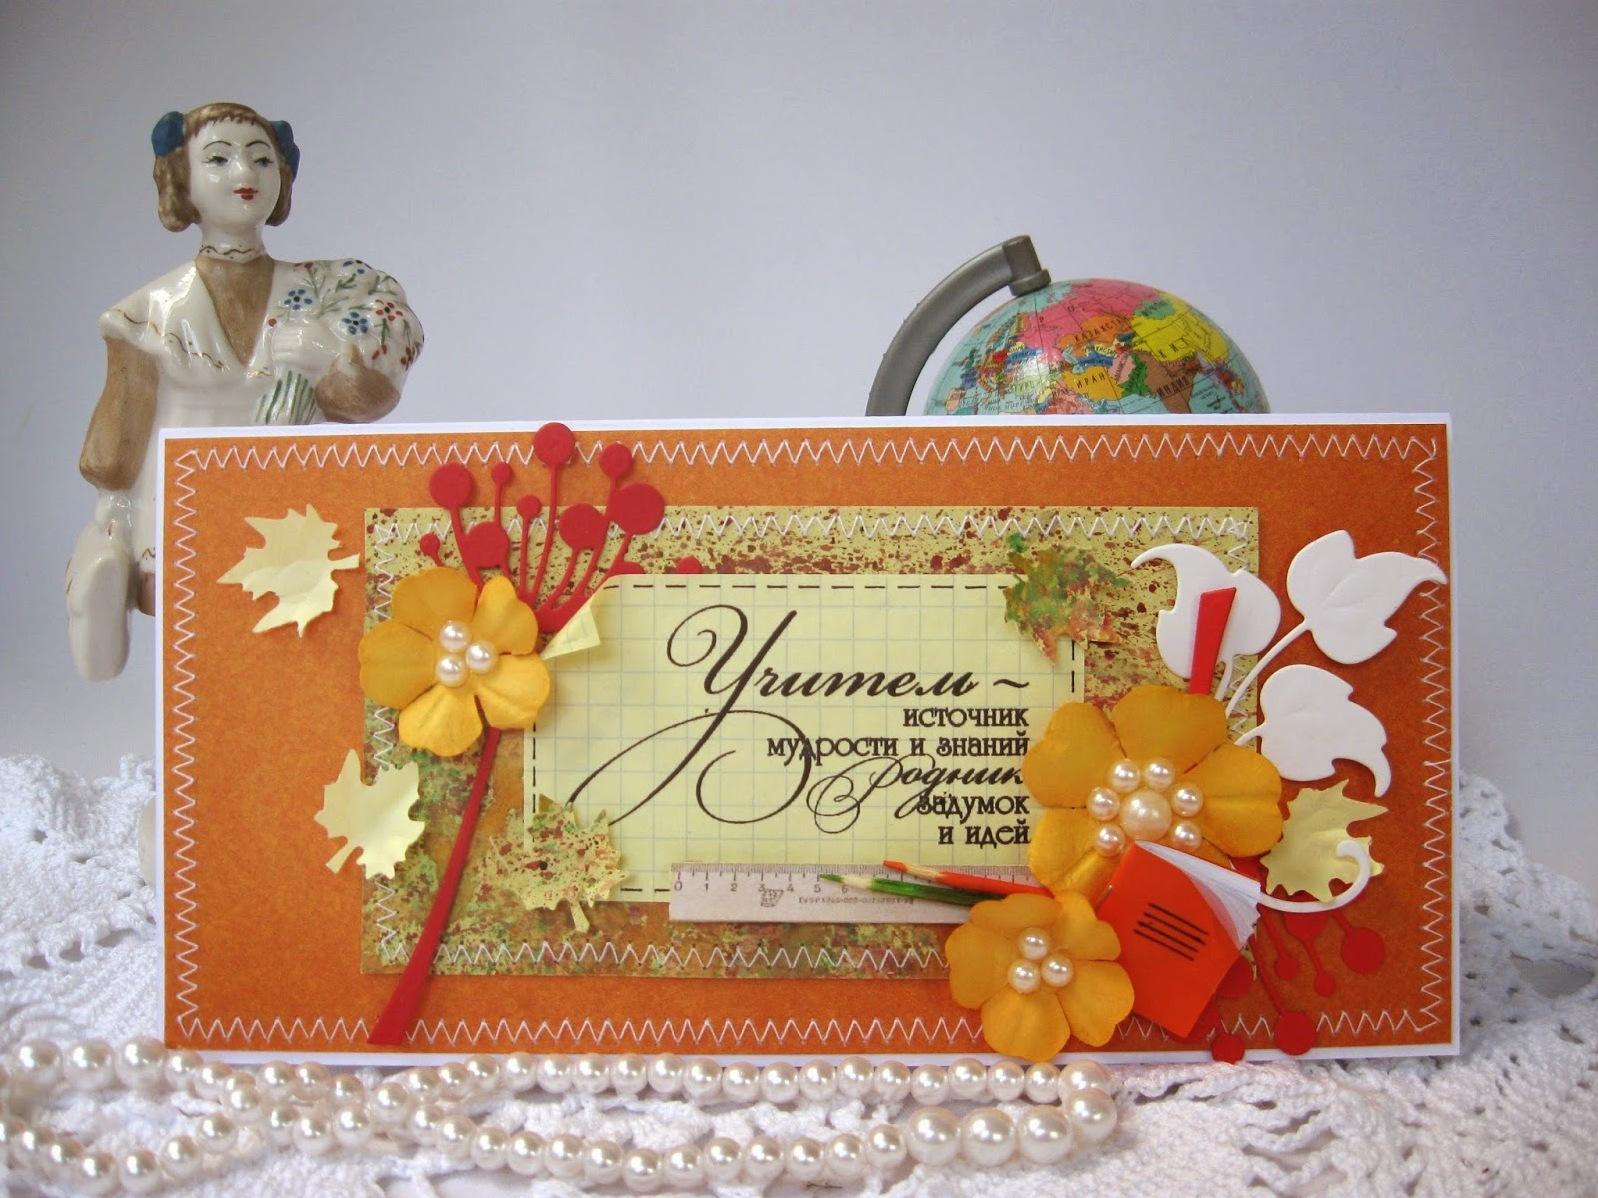 Степановой, открытки классному руководителю своими руками